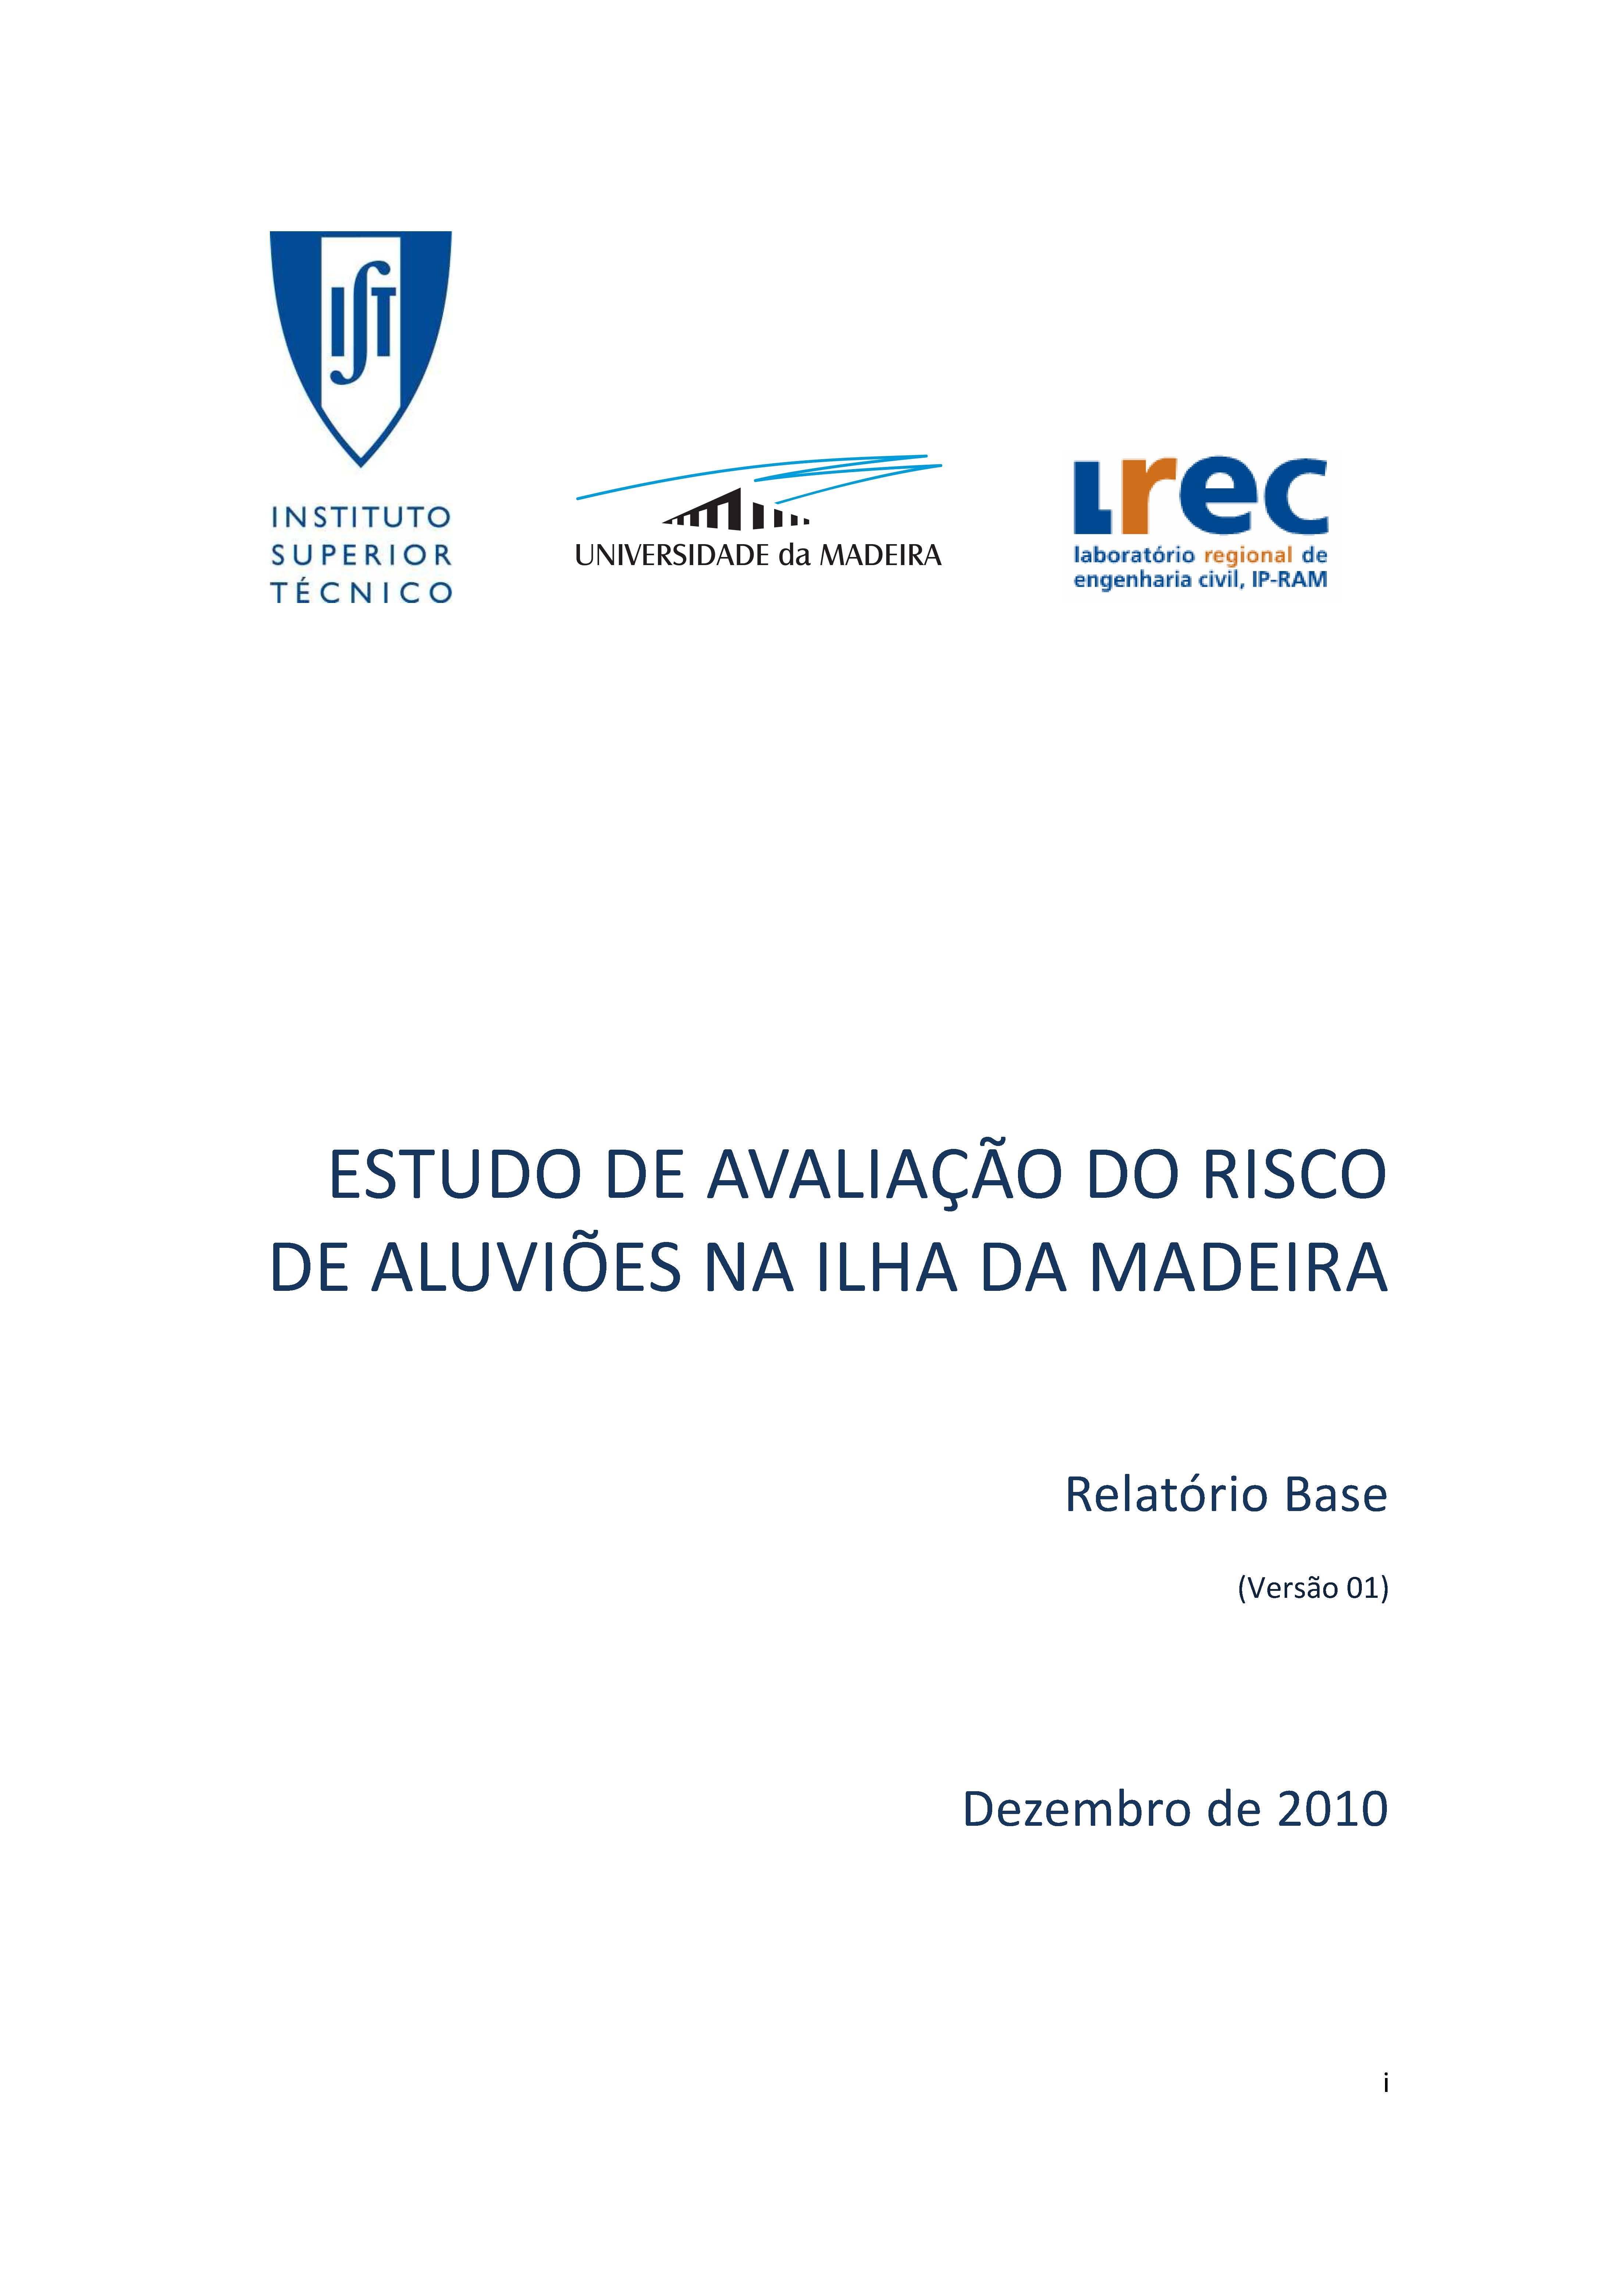 ESTUDO DE AVALIAÇÃO DO RISCO DE ALUVIÕES NA ILHA DA MADEIRA